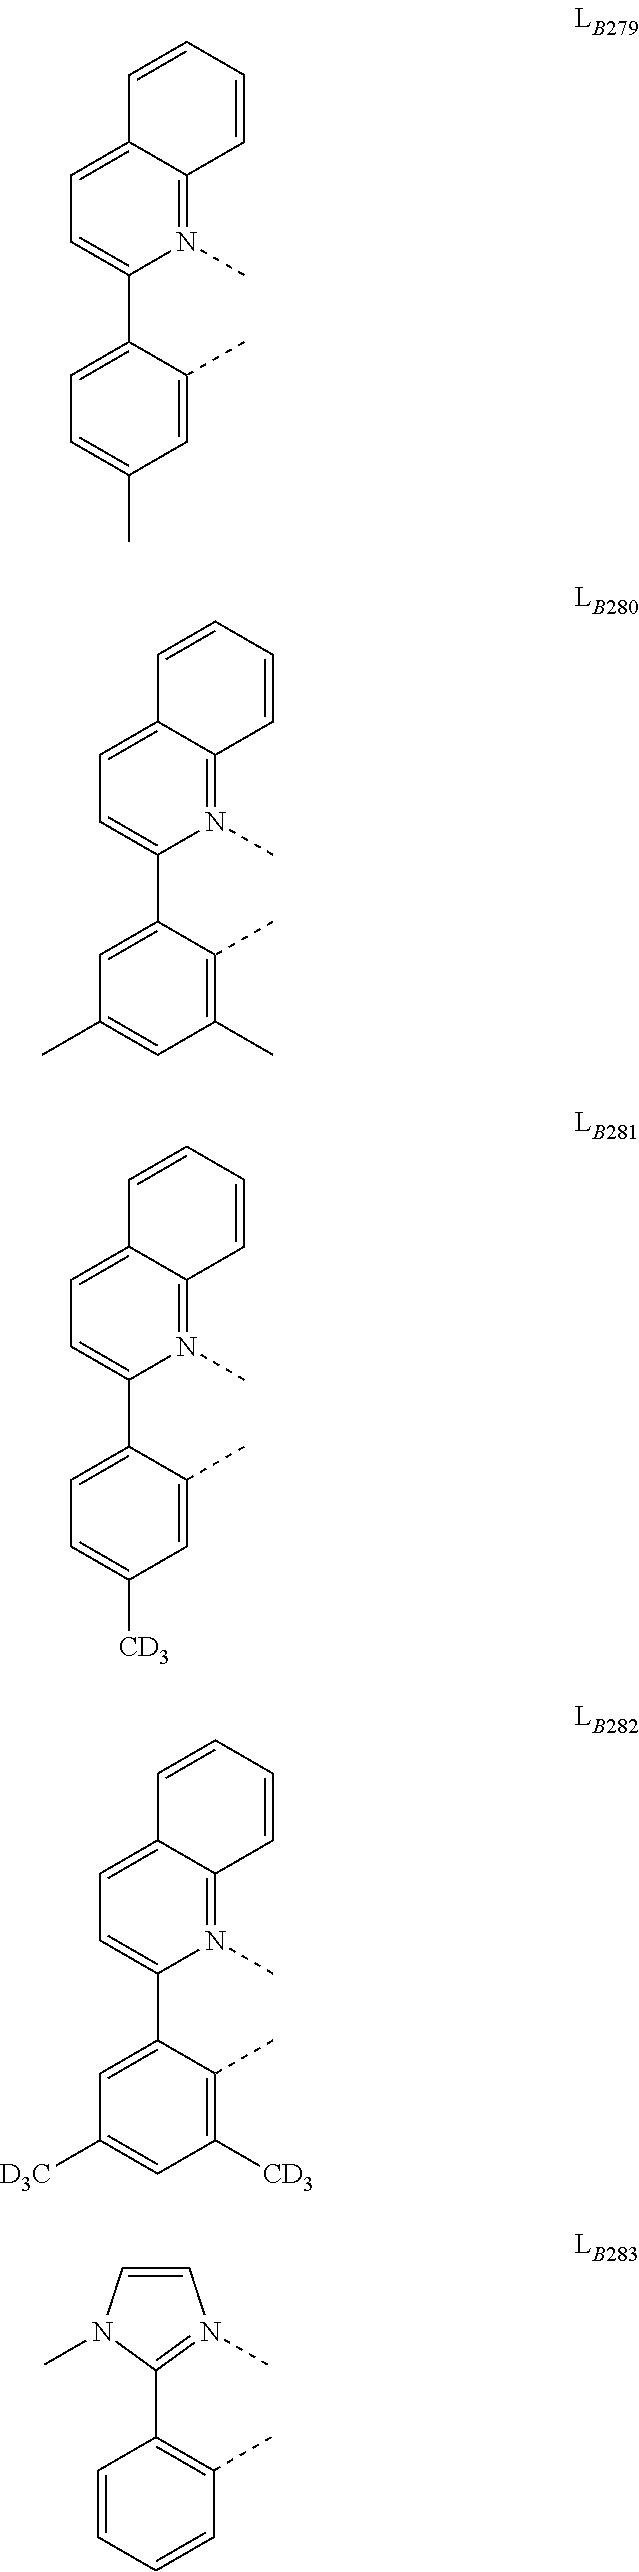 Figure US09929360-20180327-C00274